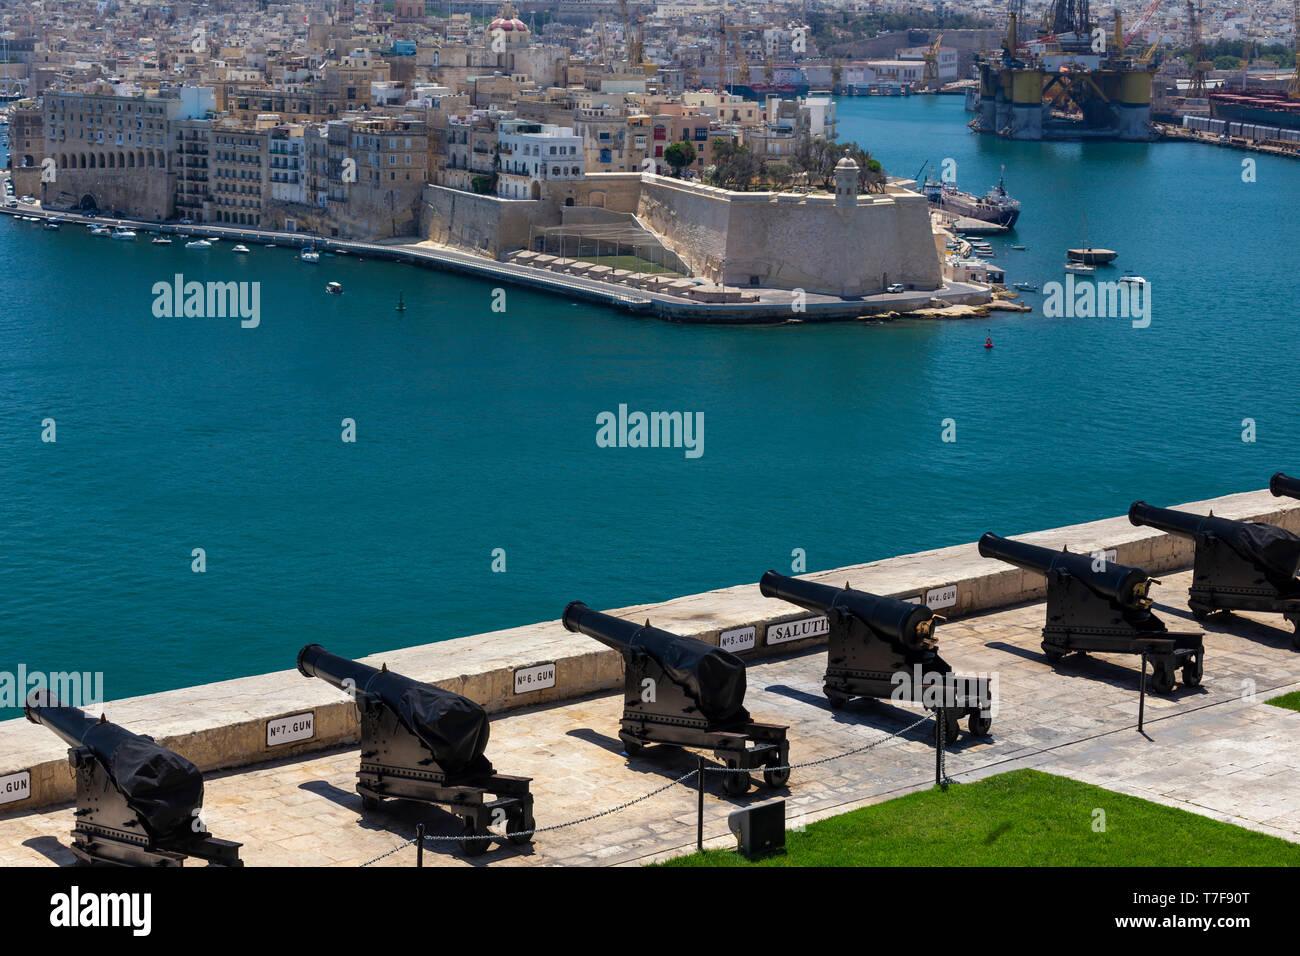 Malta, Malta, Valletta, Upper Barraka Gardens - Stock Image